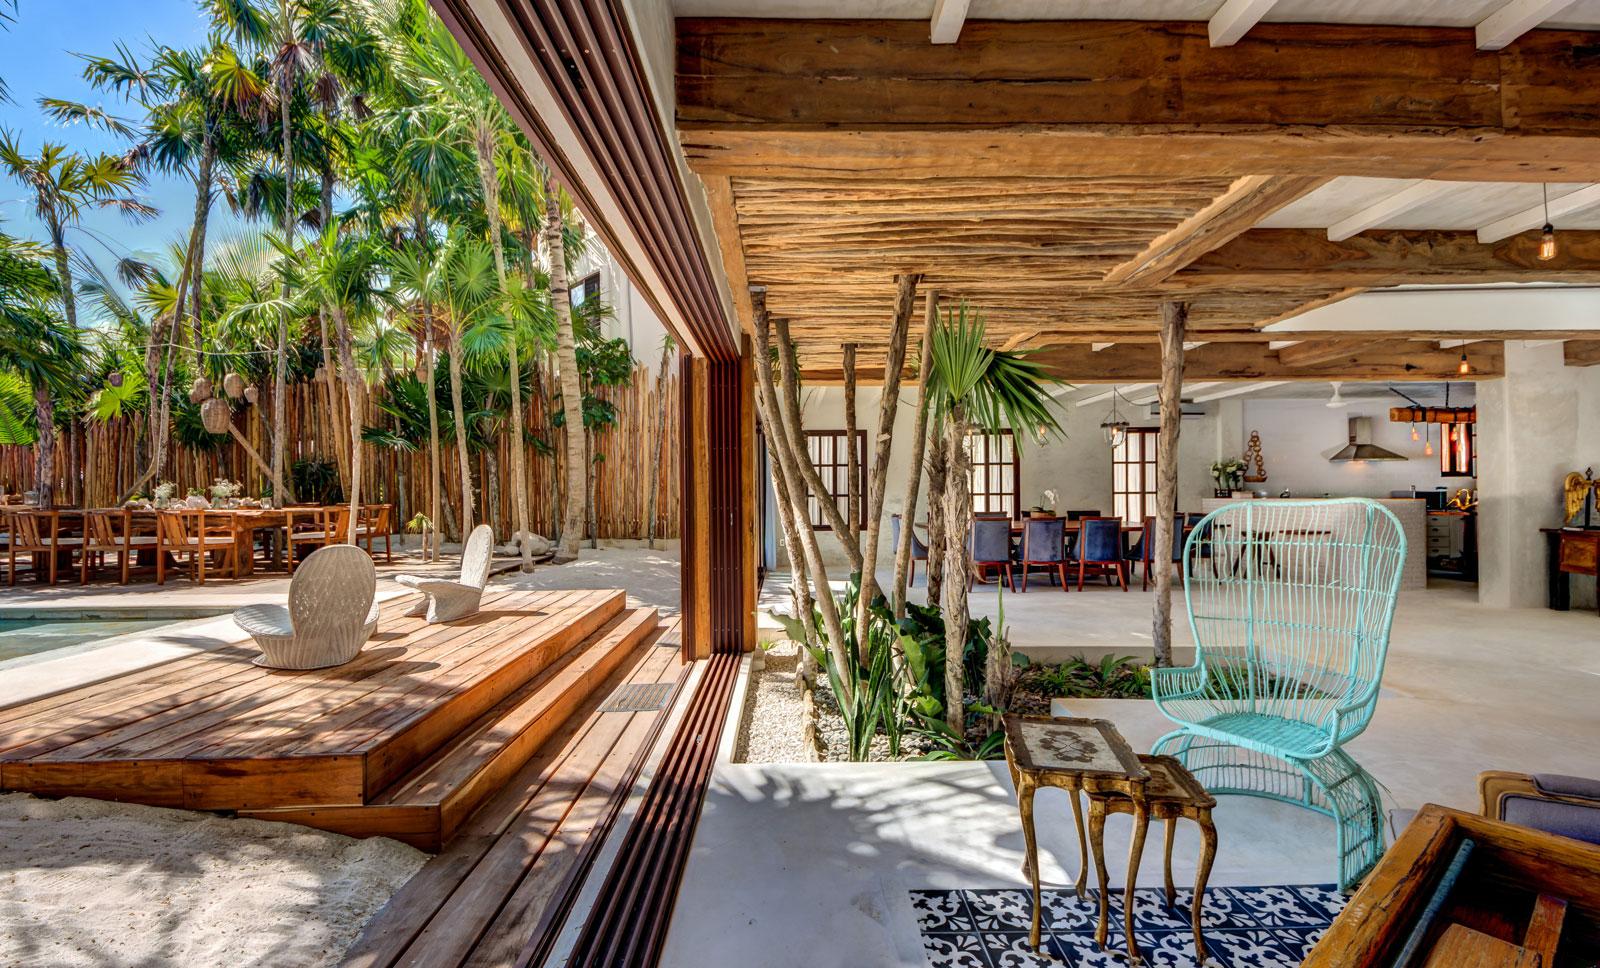 Maya_Luxe_Riviera_Maya_Luxury_Villas_Experiences_Soliman_Bay_Tulum_5_Bedrooms_Villa_La_Semilla_11.jpg